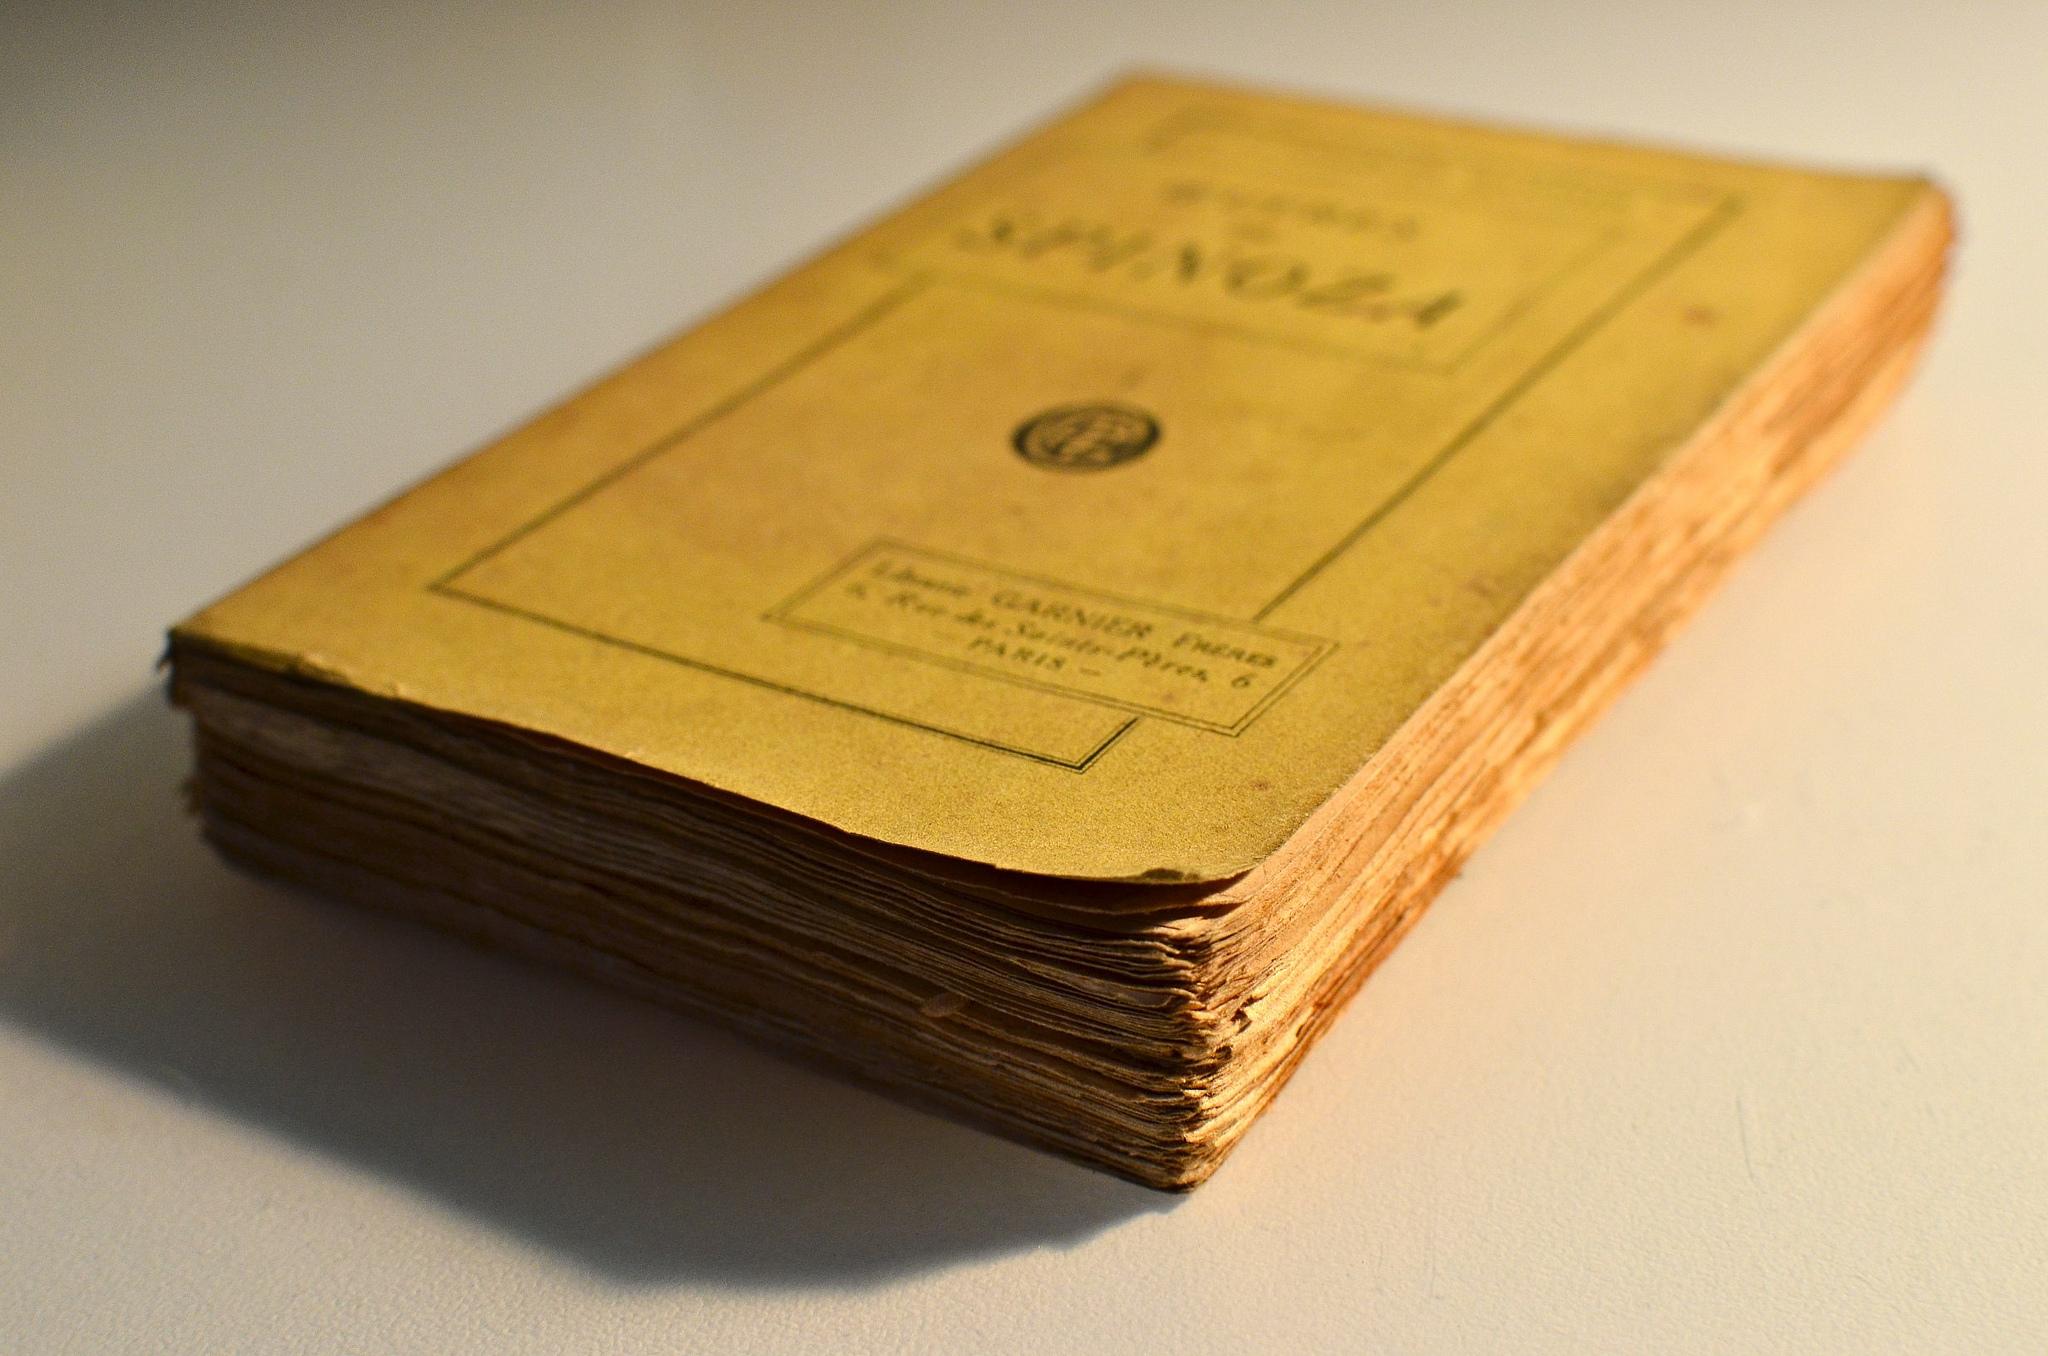 spinozabook